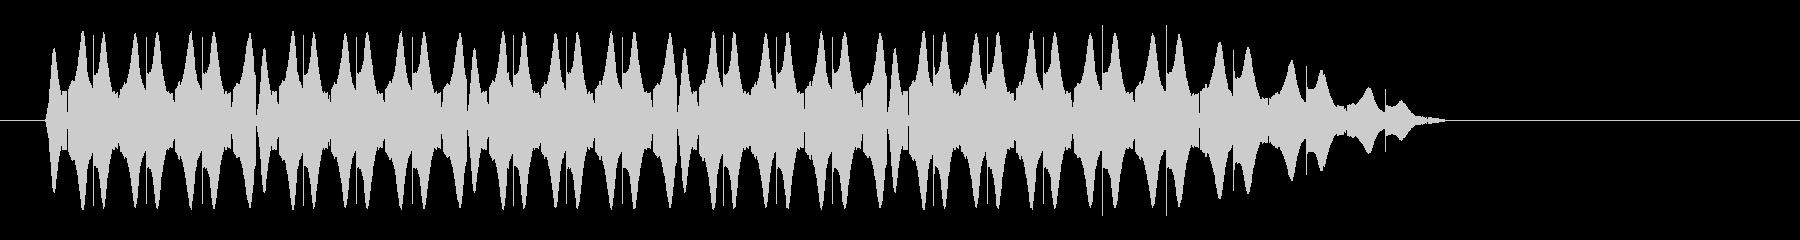 レーザー音-46-3の未再生の波形